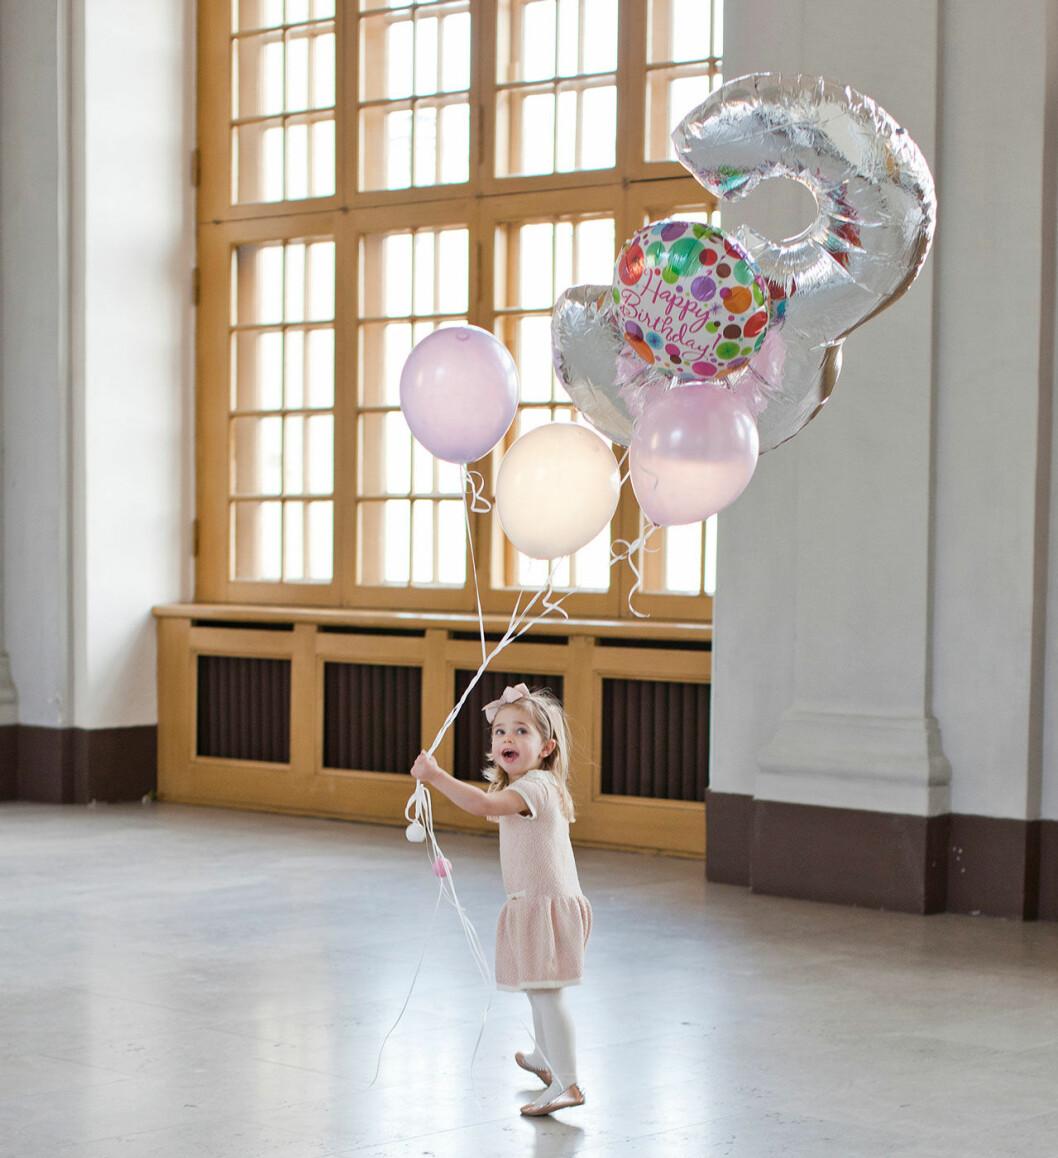 Hovets officiella bild på prinsessan Leonore på 3-årsdagen 2017.